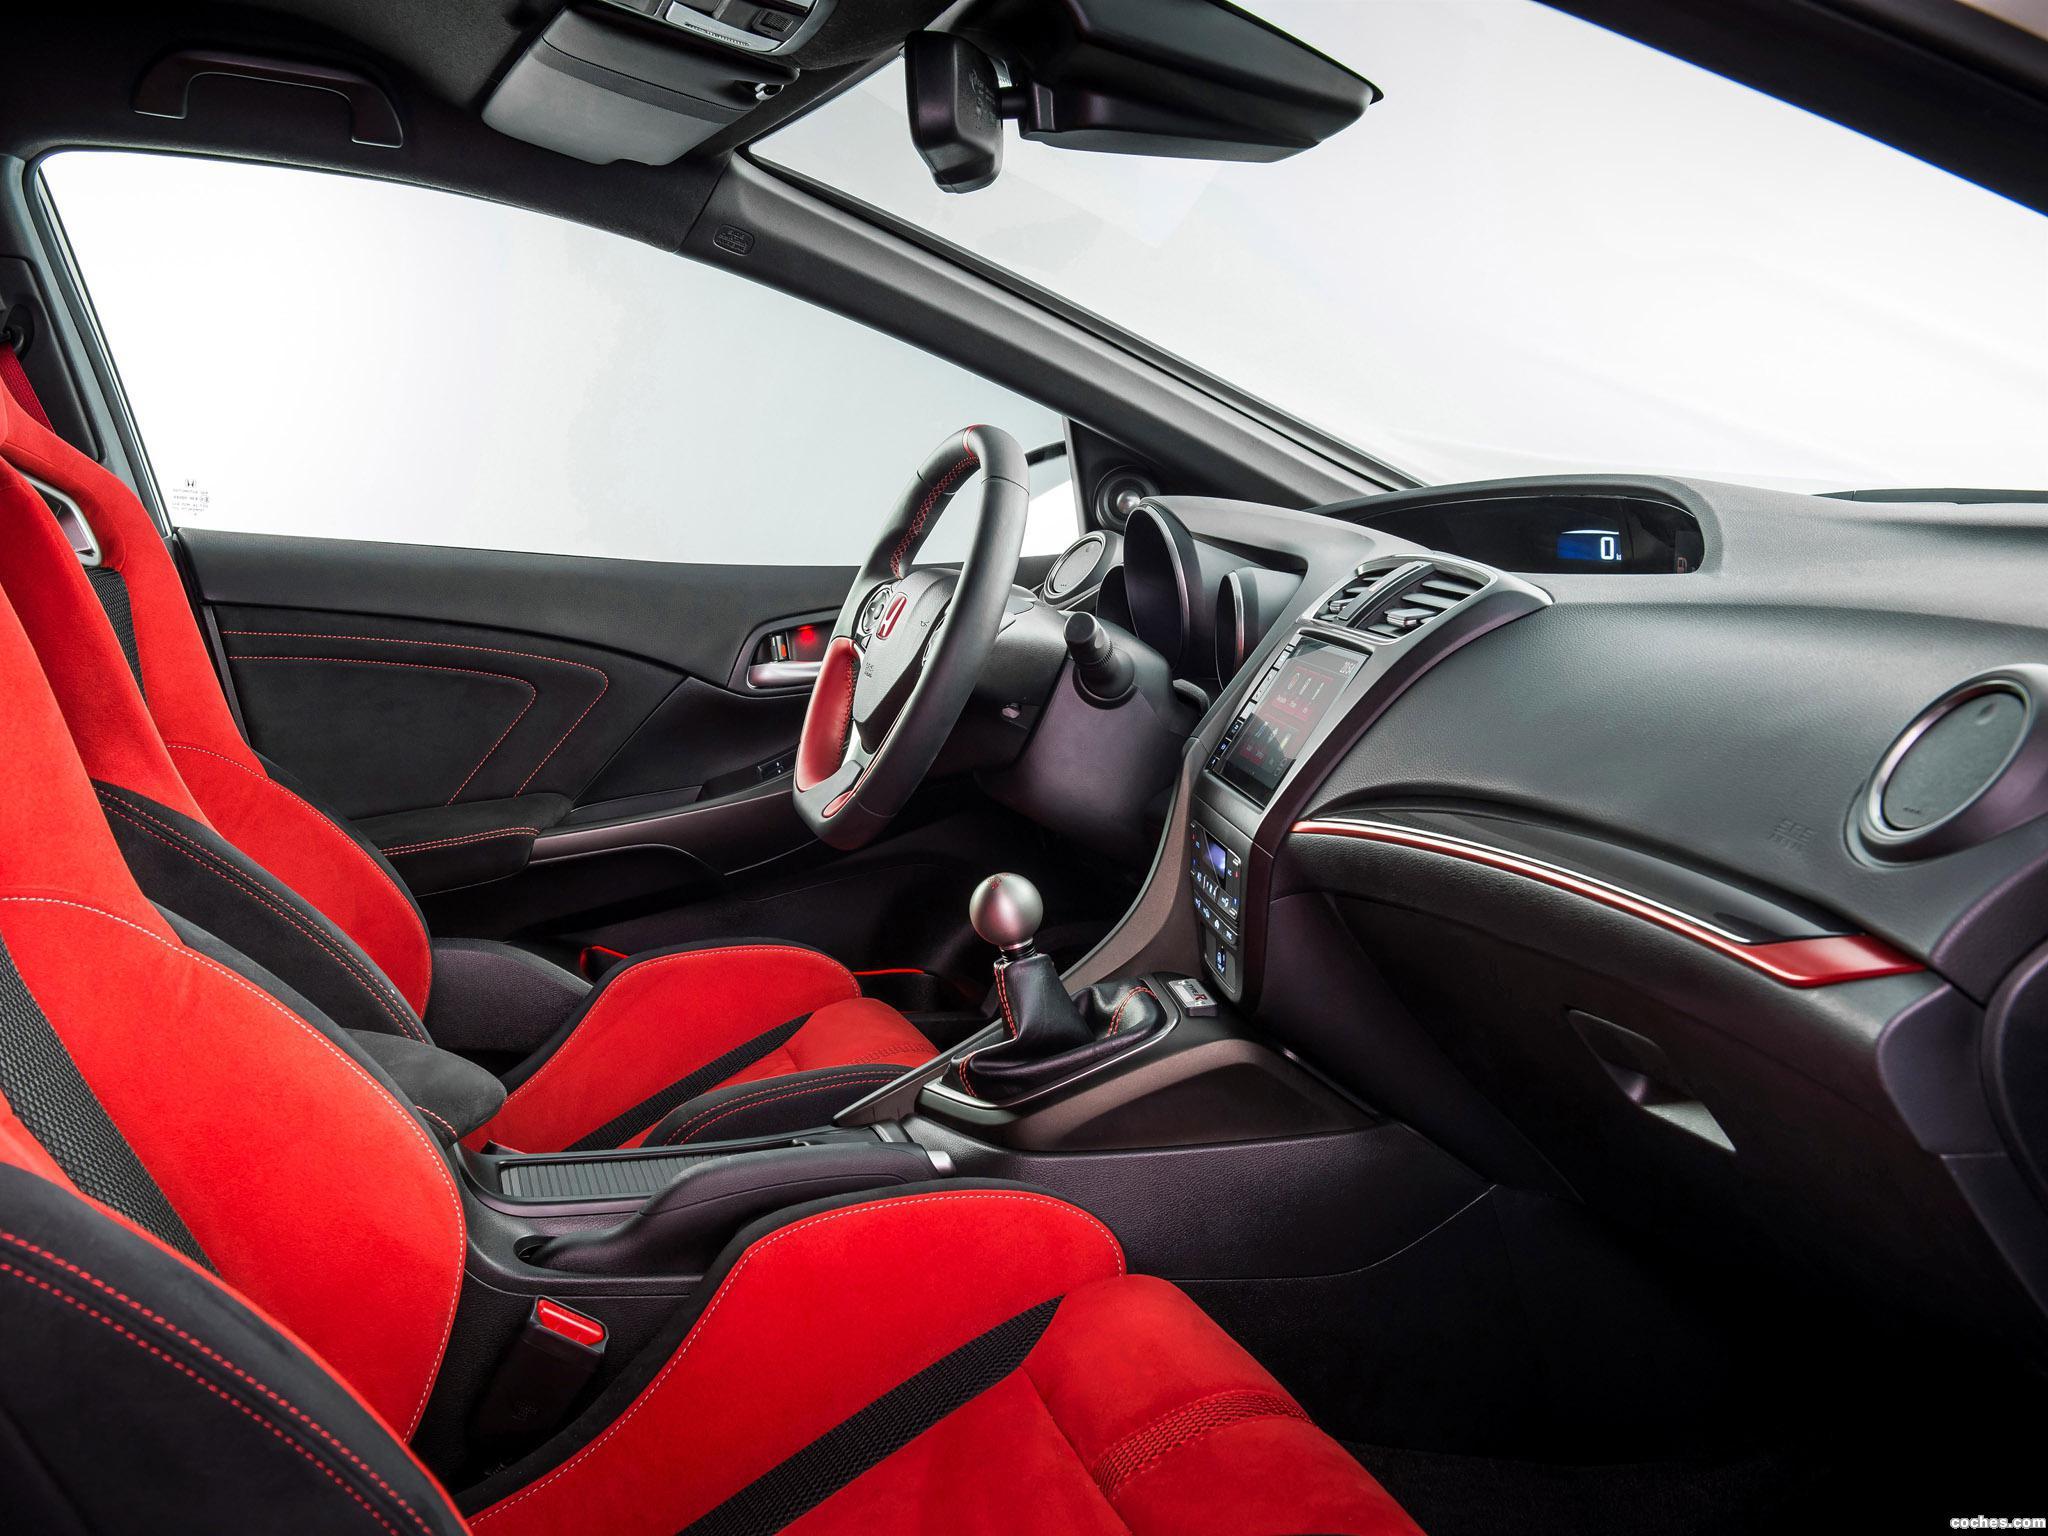 honda civic type r 2015 precios de coches pruebas de. Black Bedroom Furniture Sets. Home Design Ideas